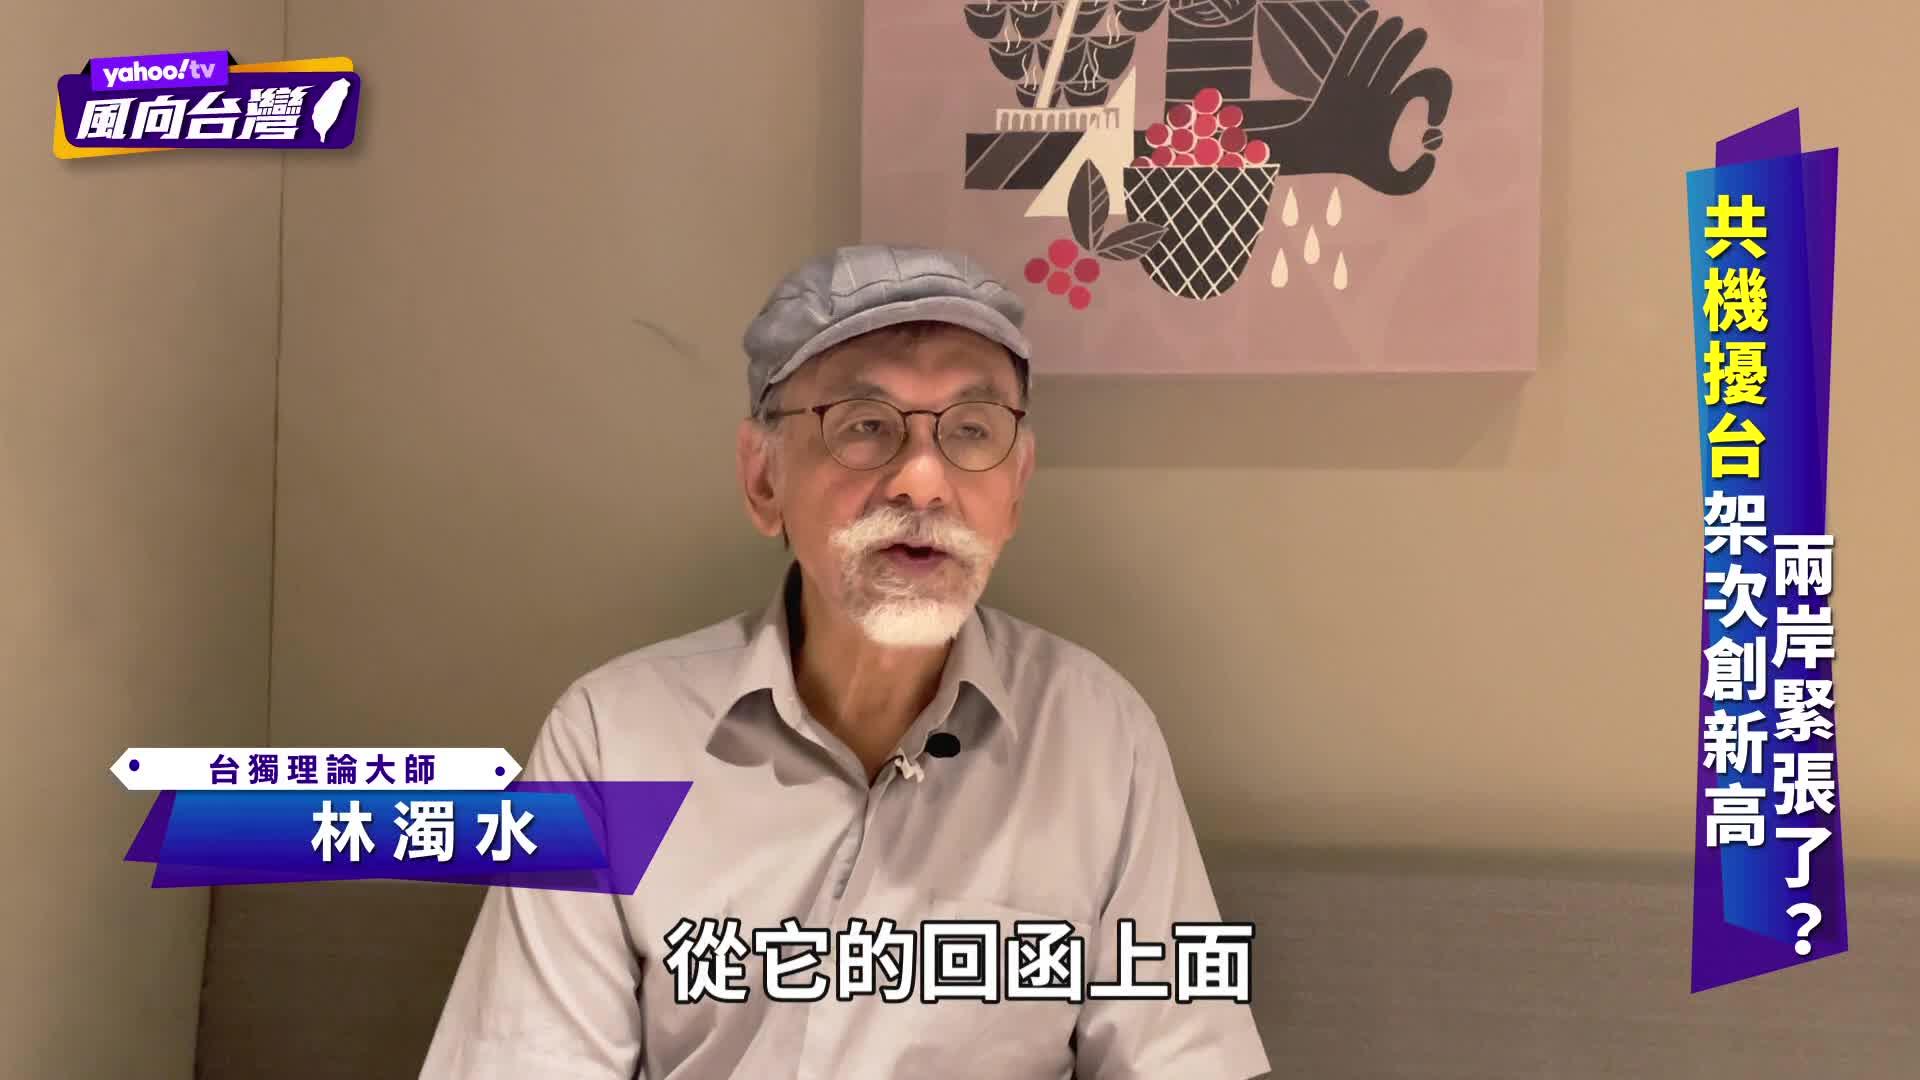 共機擾台國民黨譴責民進黨!林濁水:國民黨呼應中共打壓令人遺憾